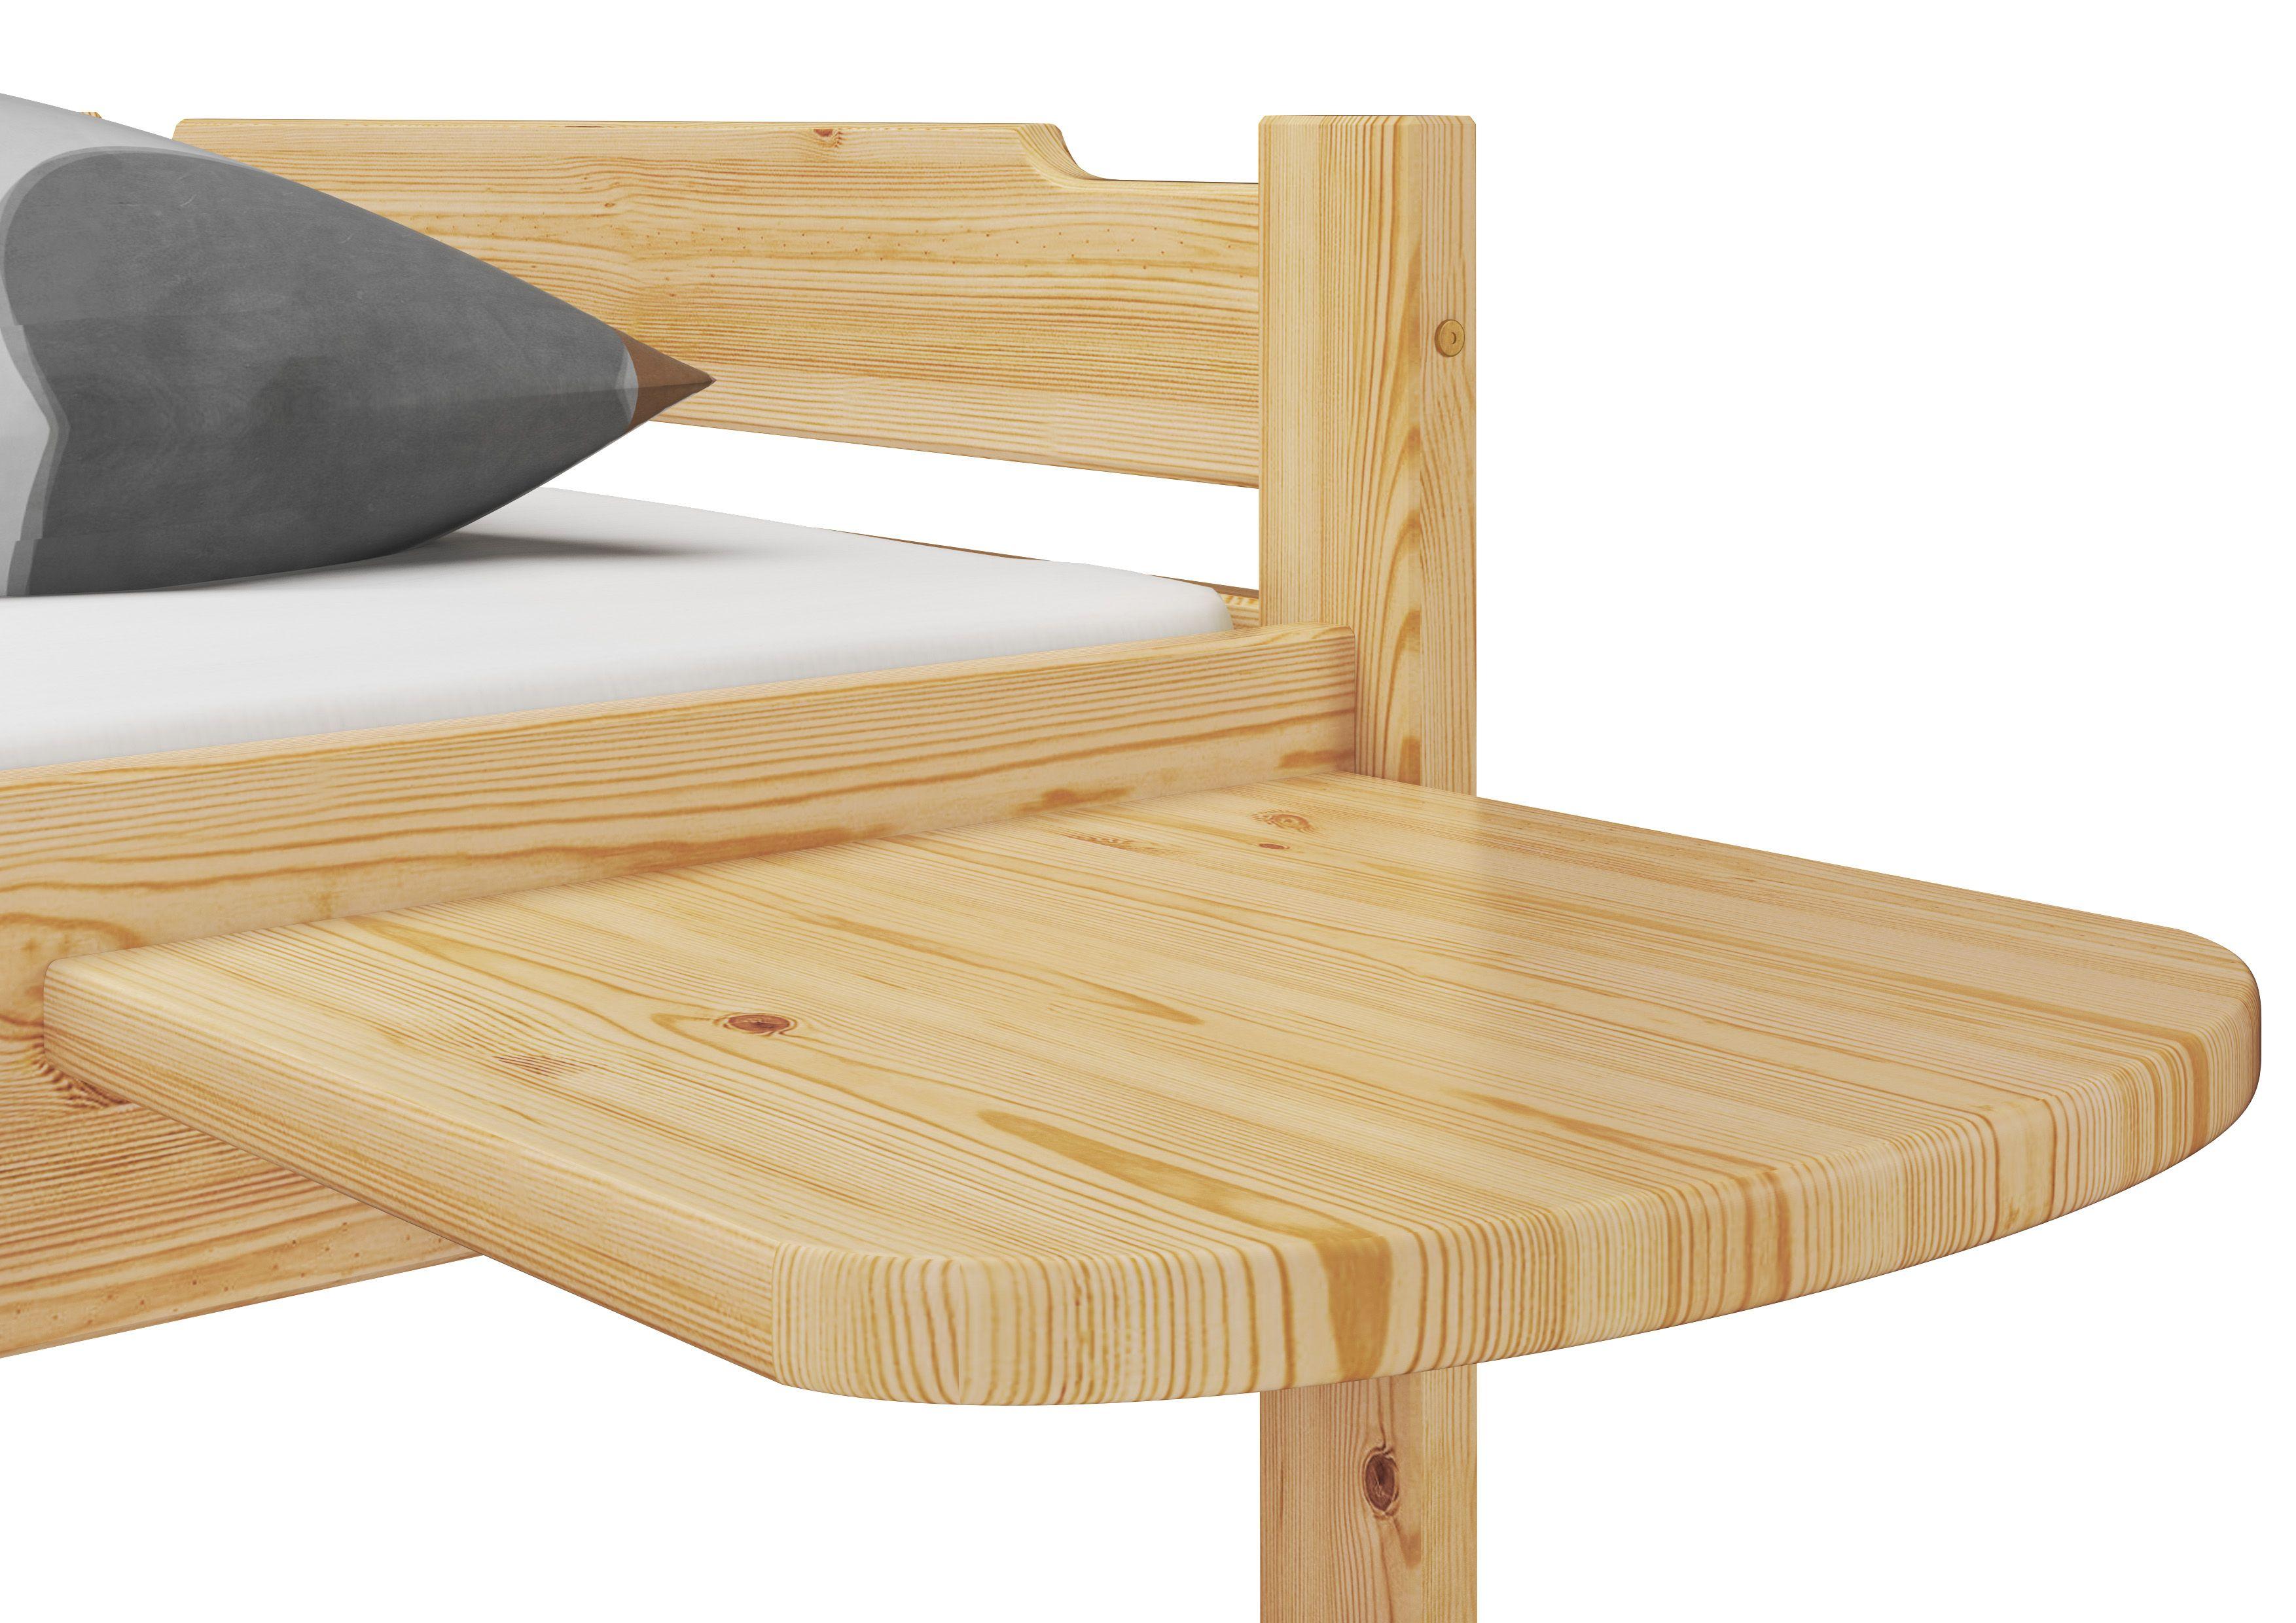 Praktische Bettablage Kiefer Natur Mit Bildern Nachttisch Regal Bettablage Bett